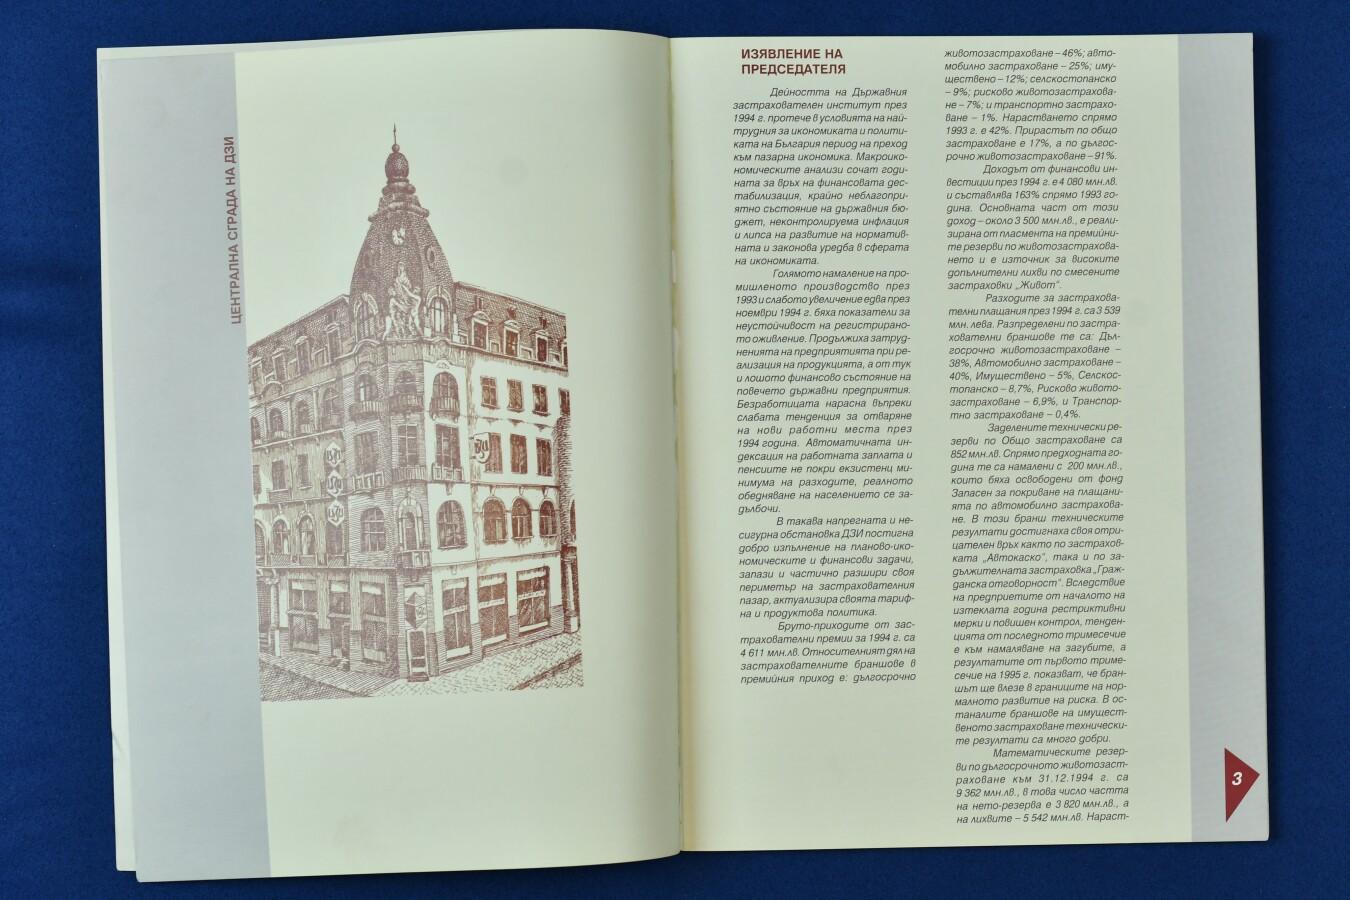 Годишен отчет, 1994 г.